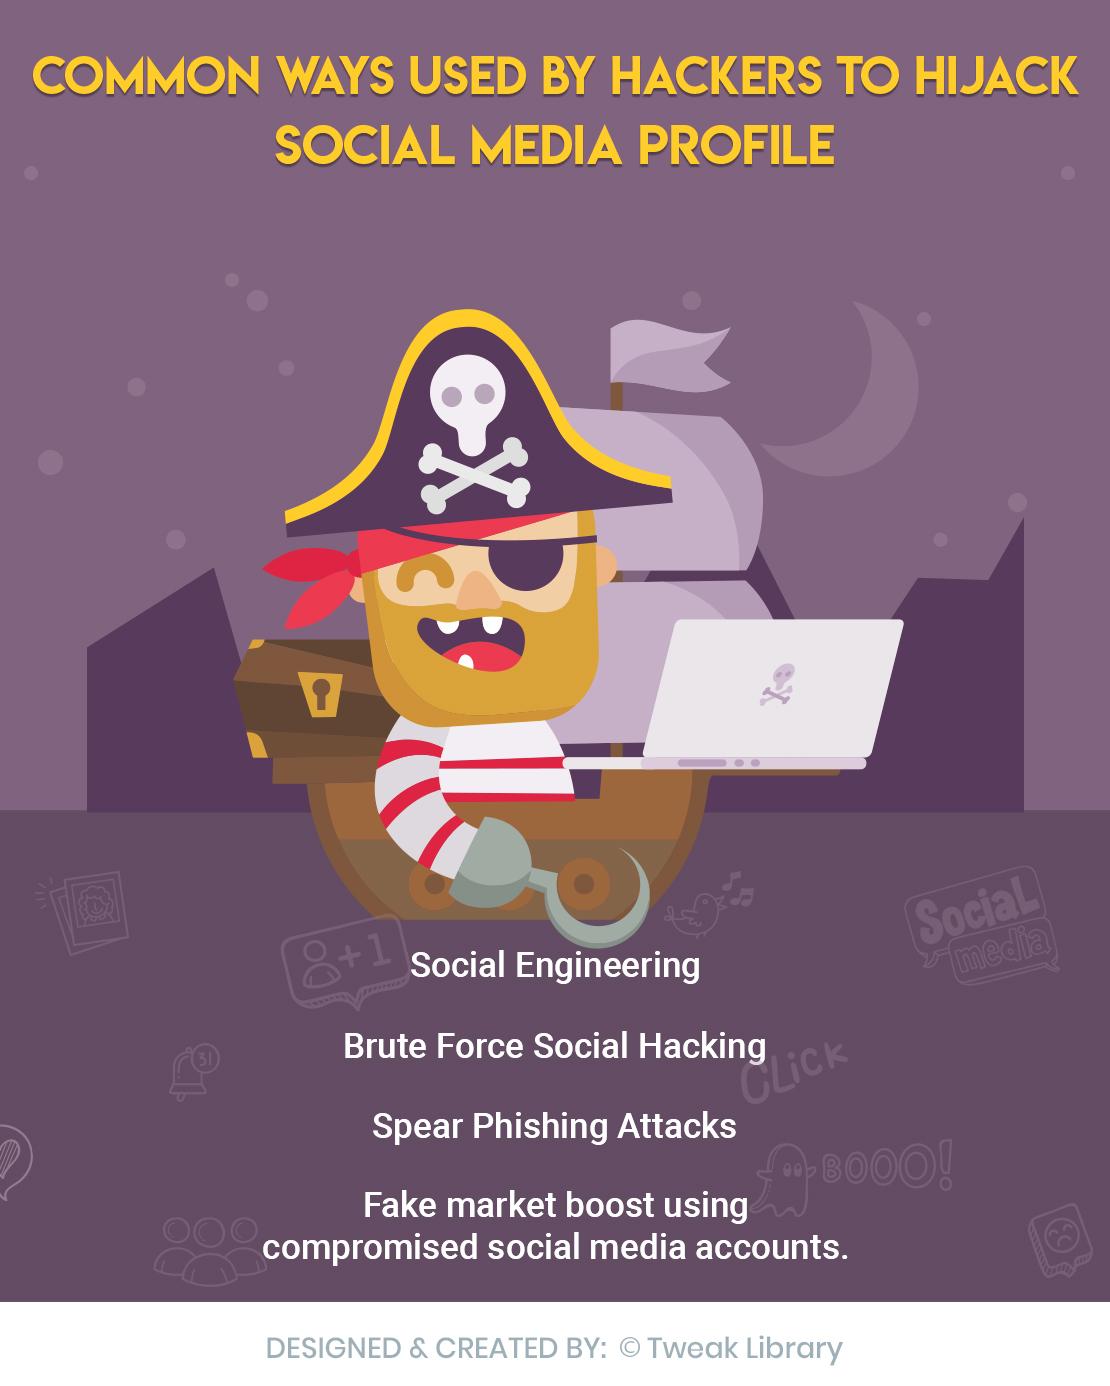 ow Cybercriminals Exploit Social Platforms